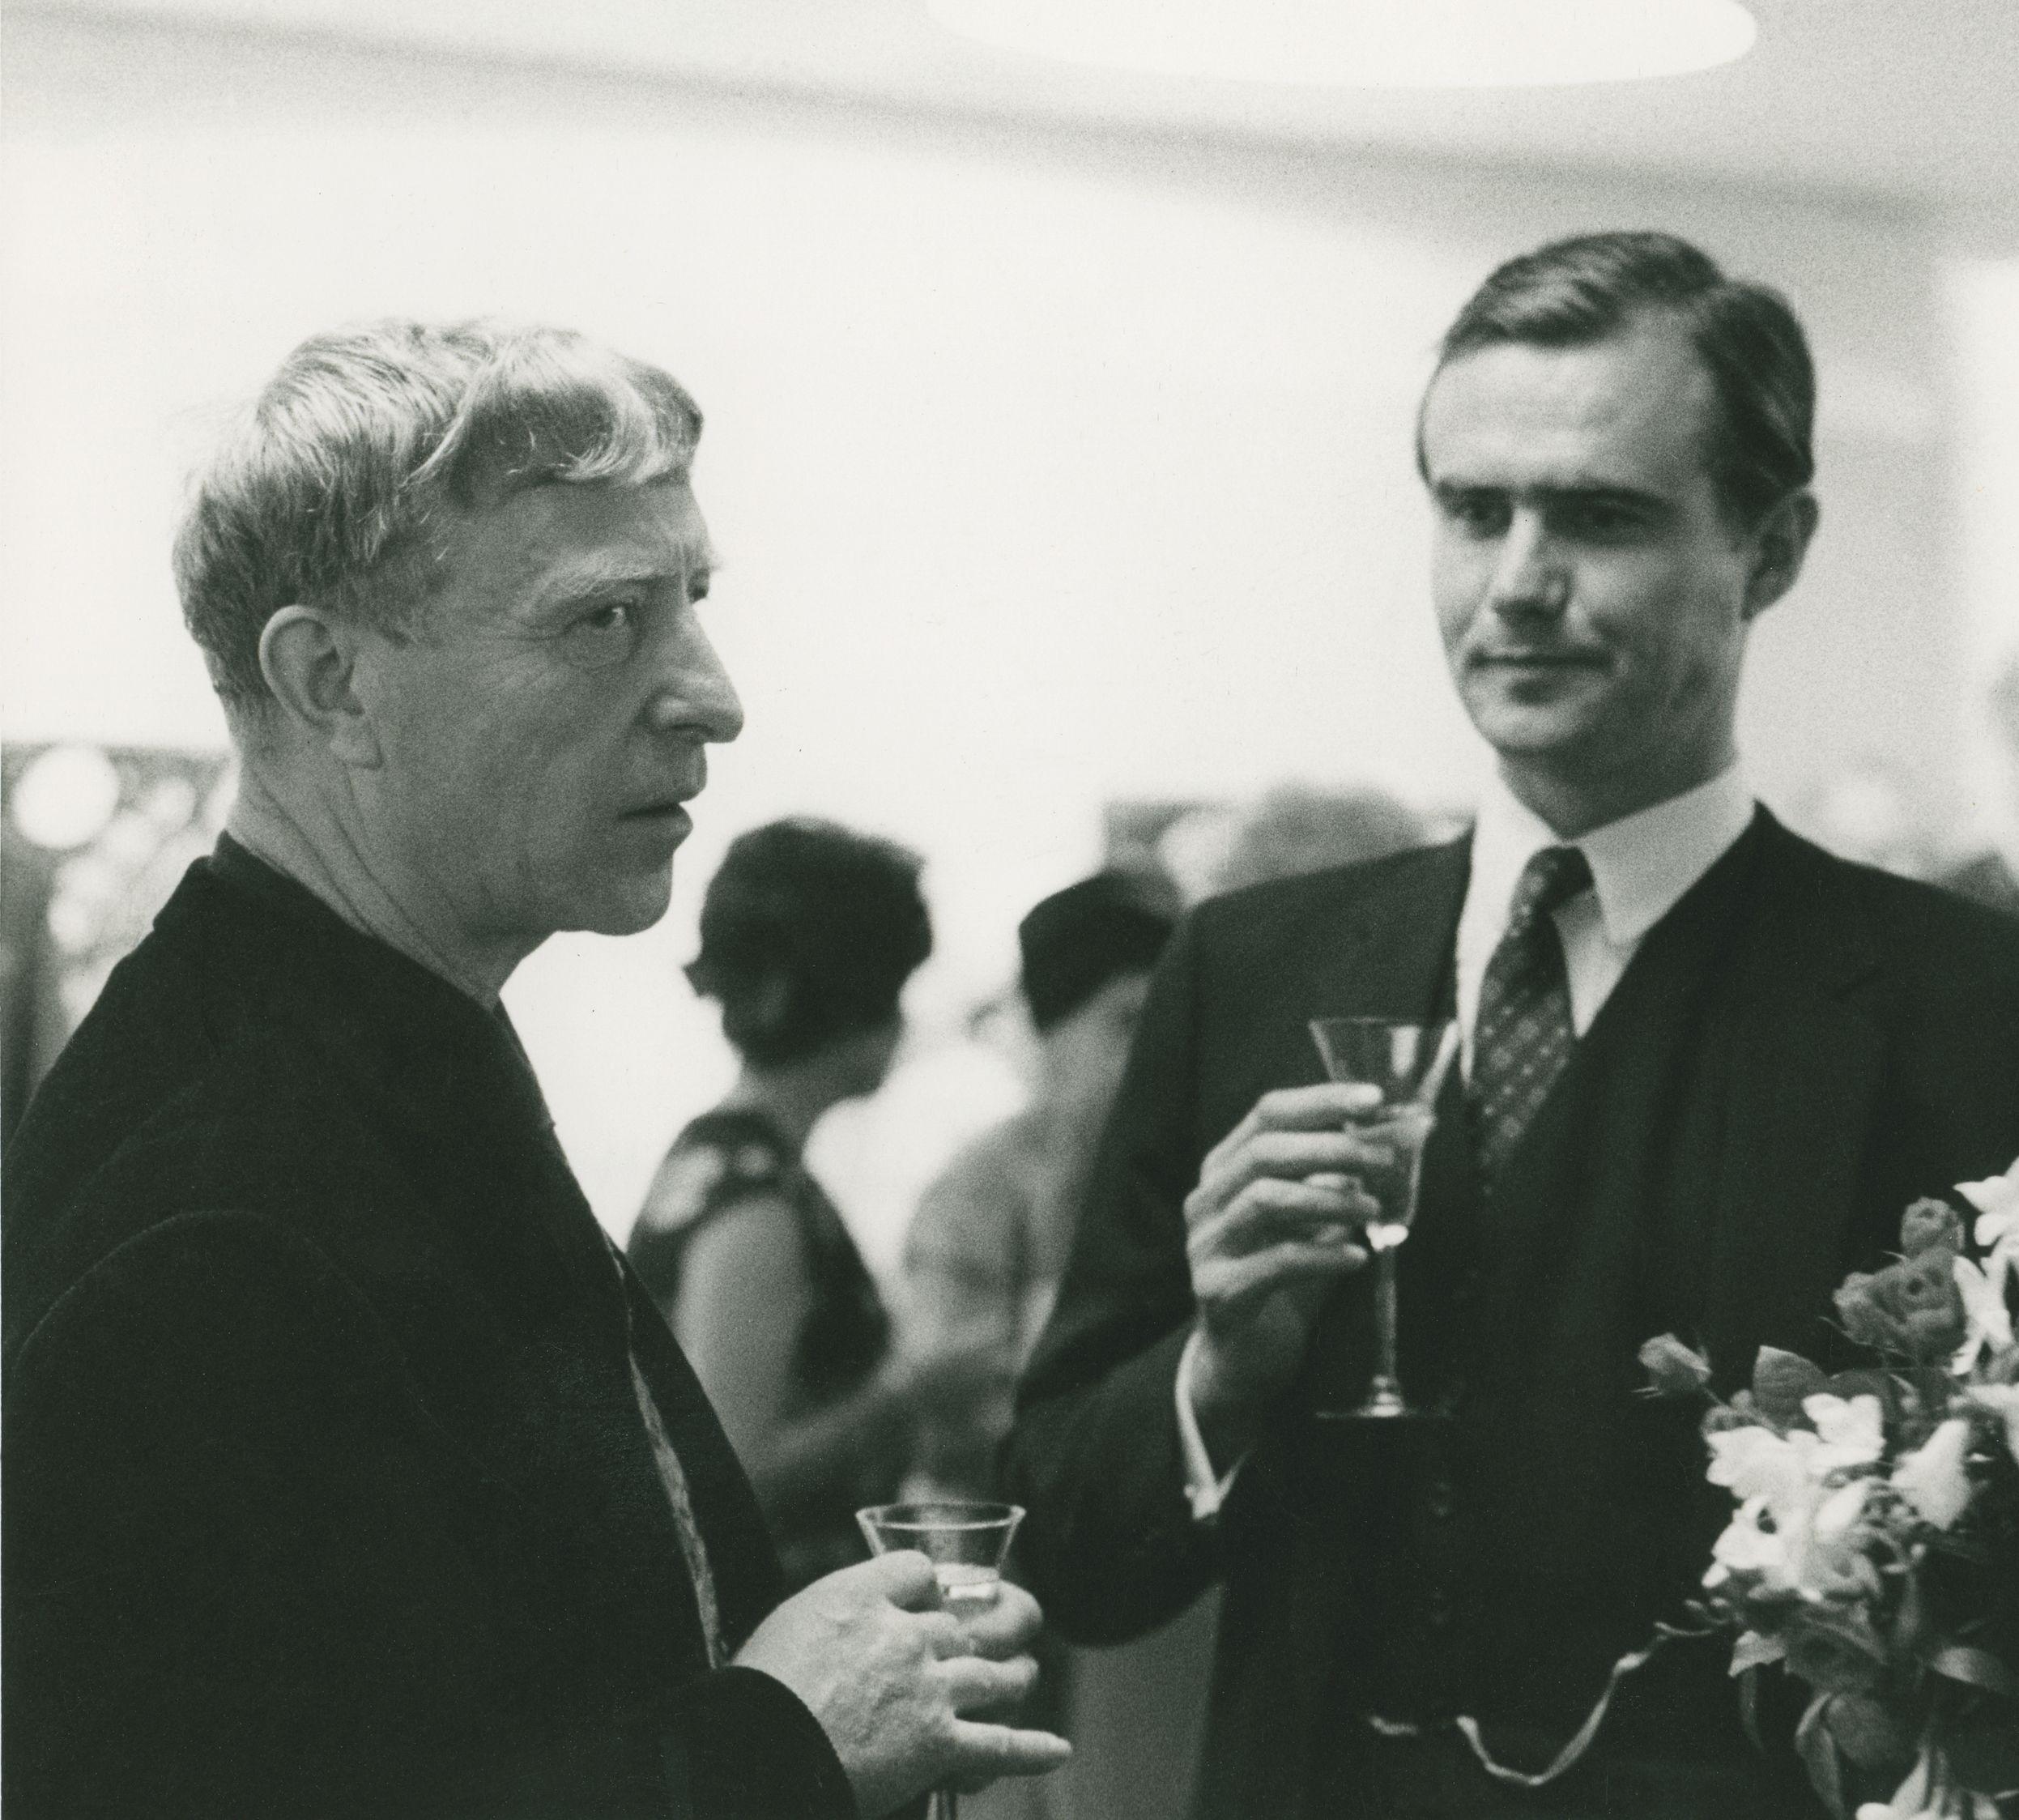 Kunstner møder aspirerende kunstner… Carl-Henning Pedersen og Prins Henrik ved åbningen af Carl-Henning Pedersens udstilling i Helsinki 1968, året før prinsen selv debuterer som skulpturkunstner.